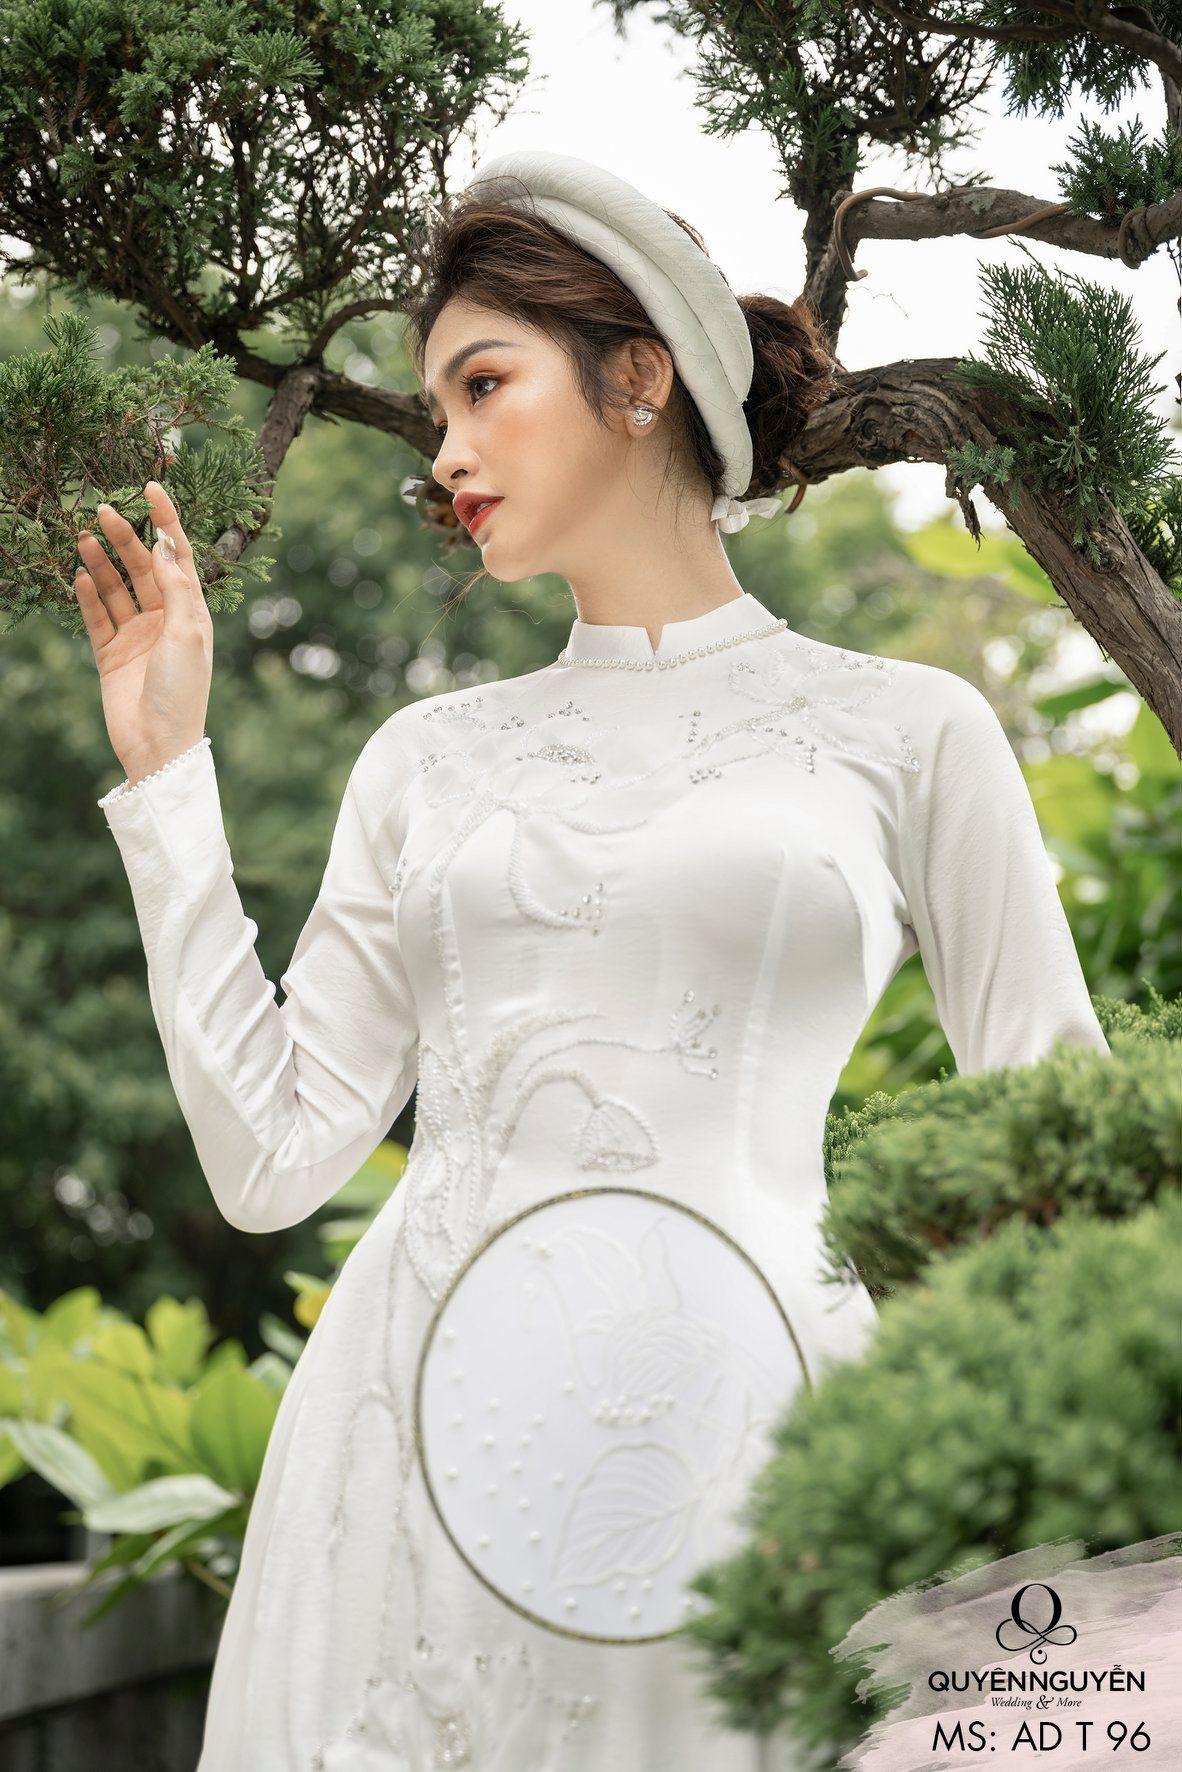 Áo dài màu trắng với hoạ tiết bông hoa sen đính hạt lấp lánh xung quanh